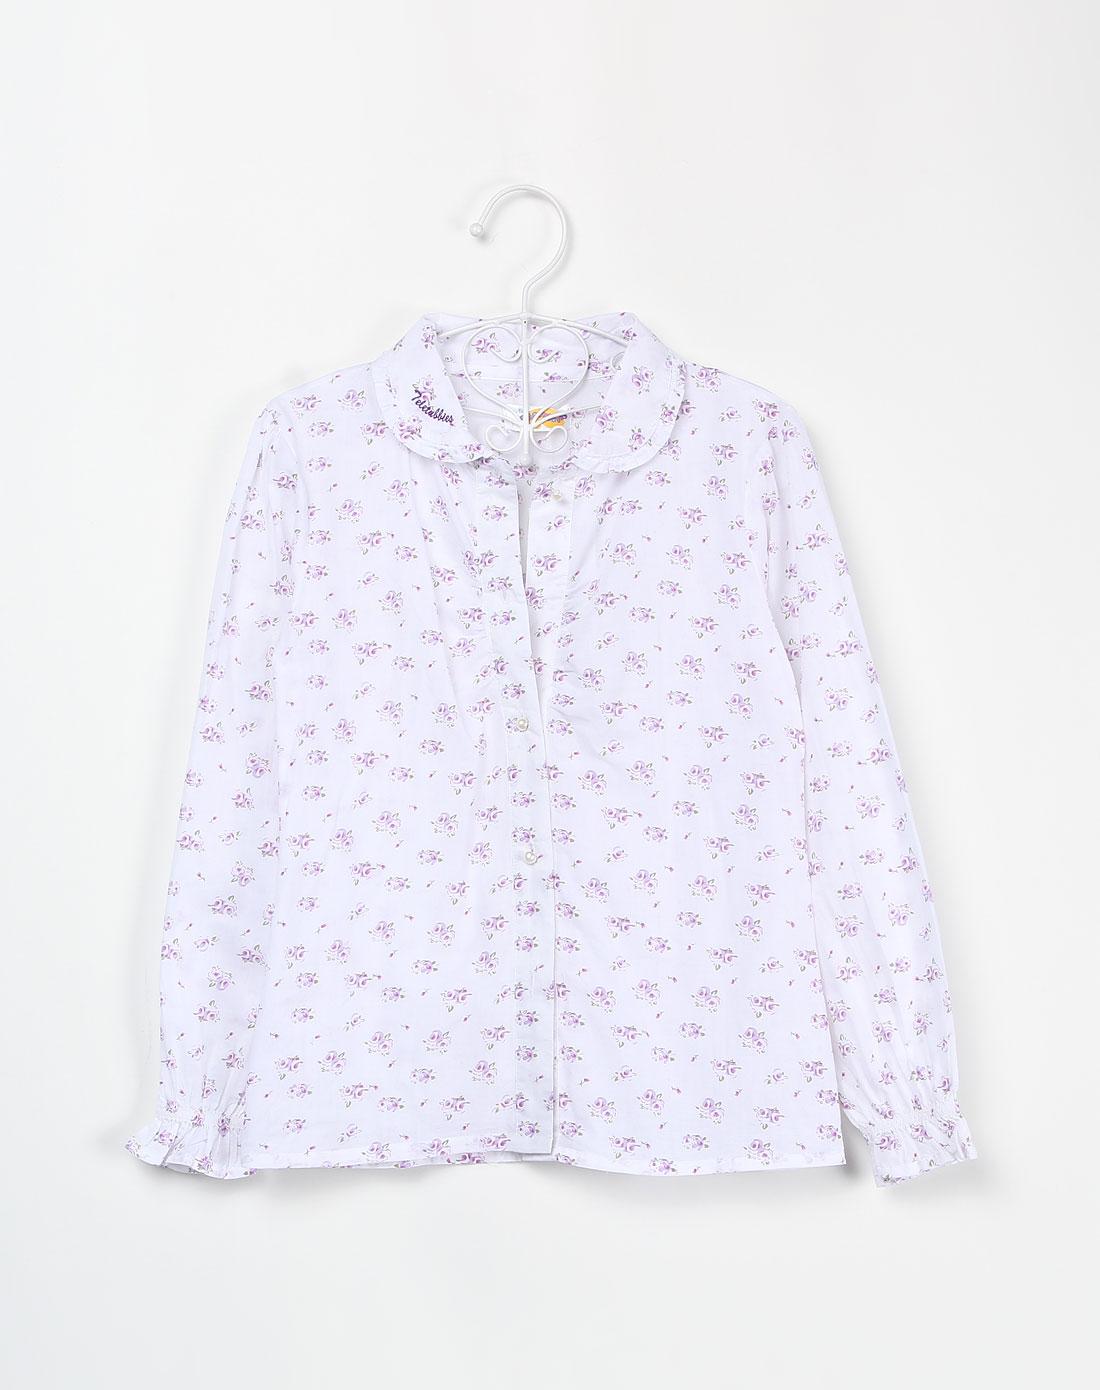 天线宝宝teletubbies女童白底紫拼绿色印花长袖衬衫tc